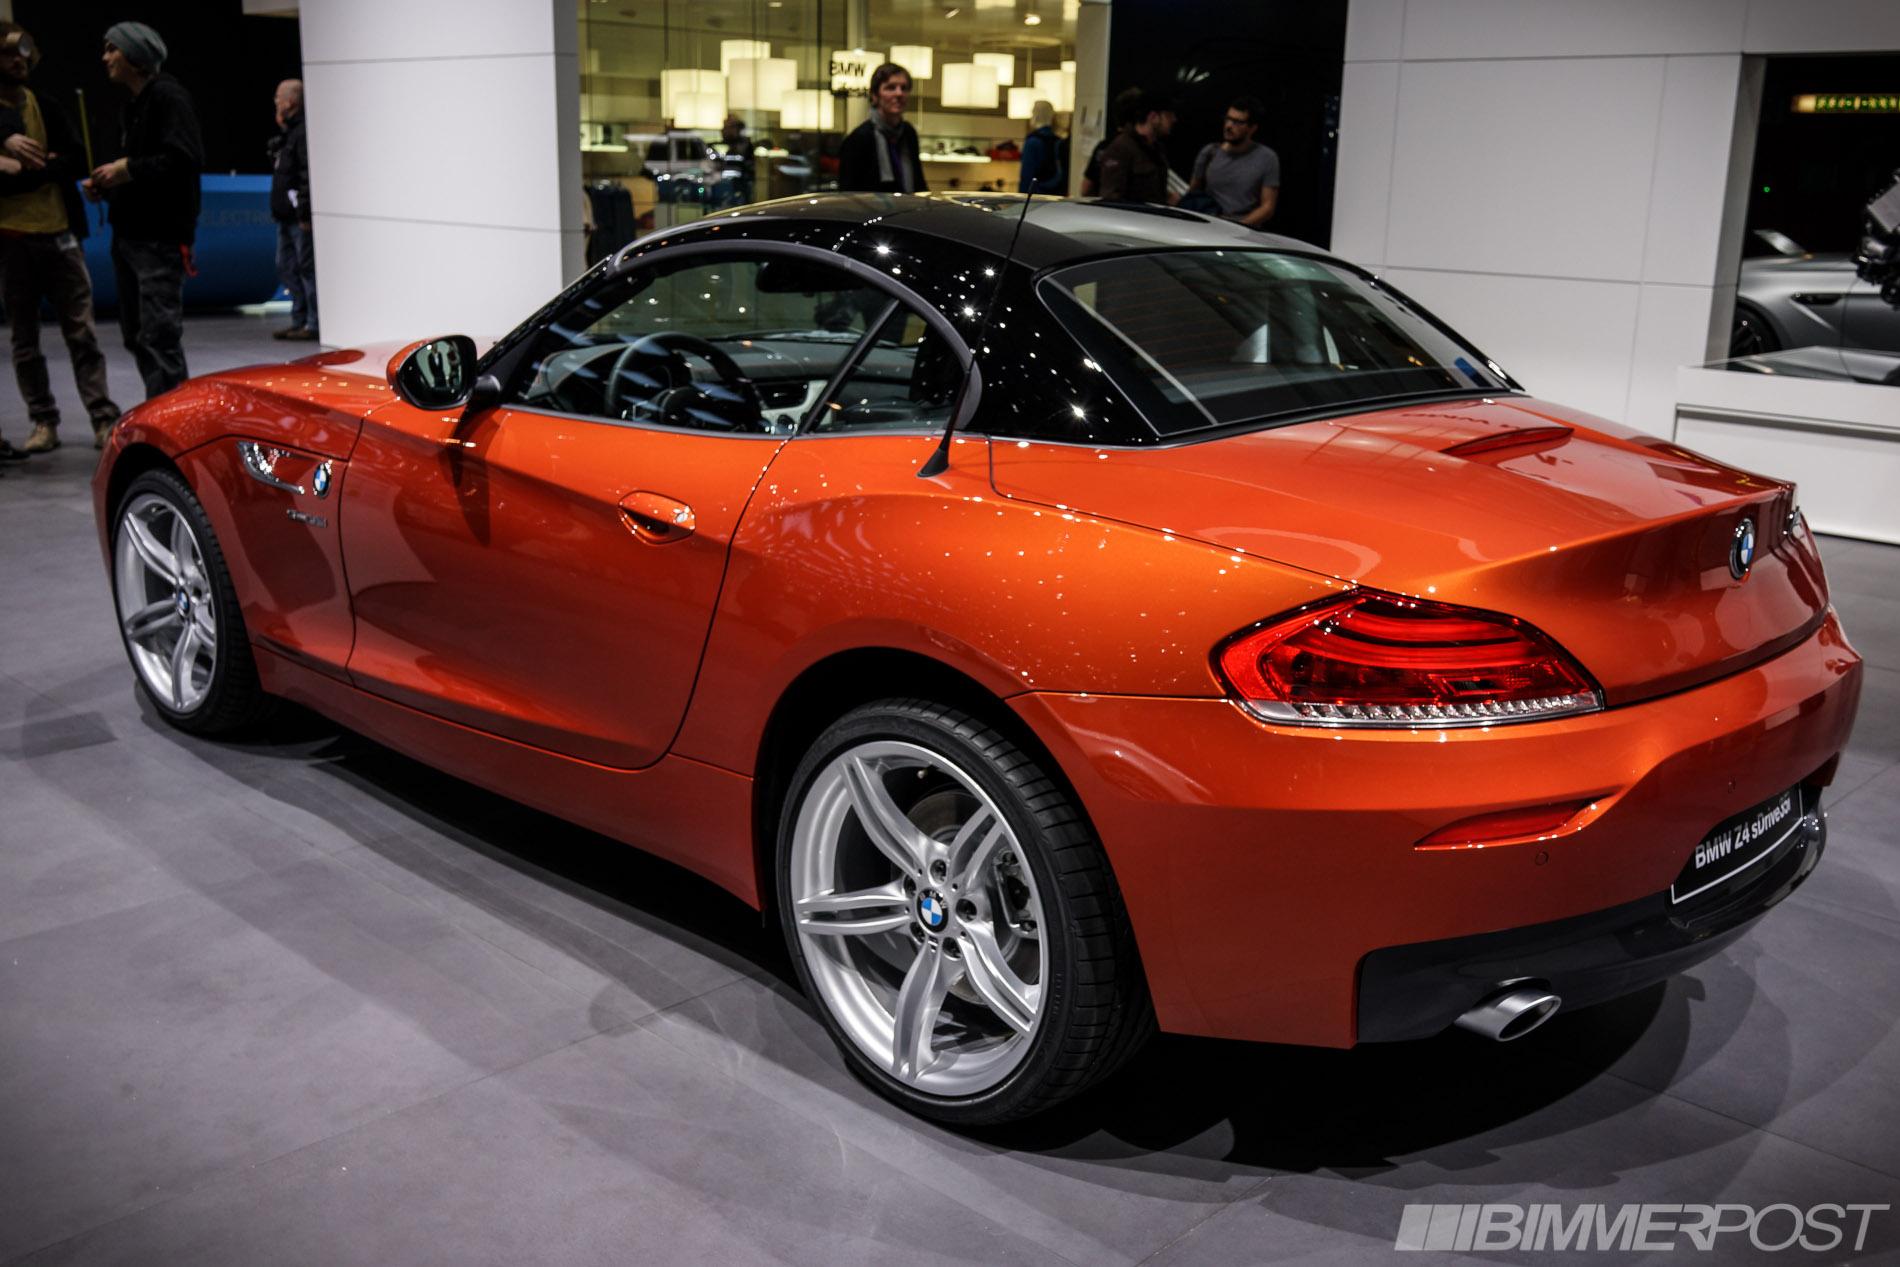 Geneva 2013 Bmw Z4 Lci In Valencia Orange And Hyper